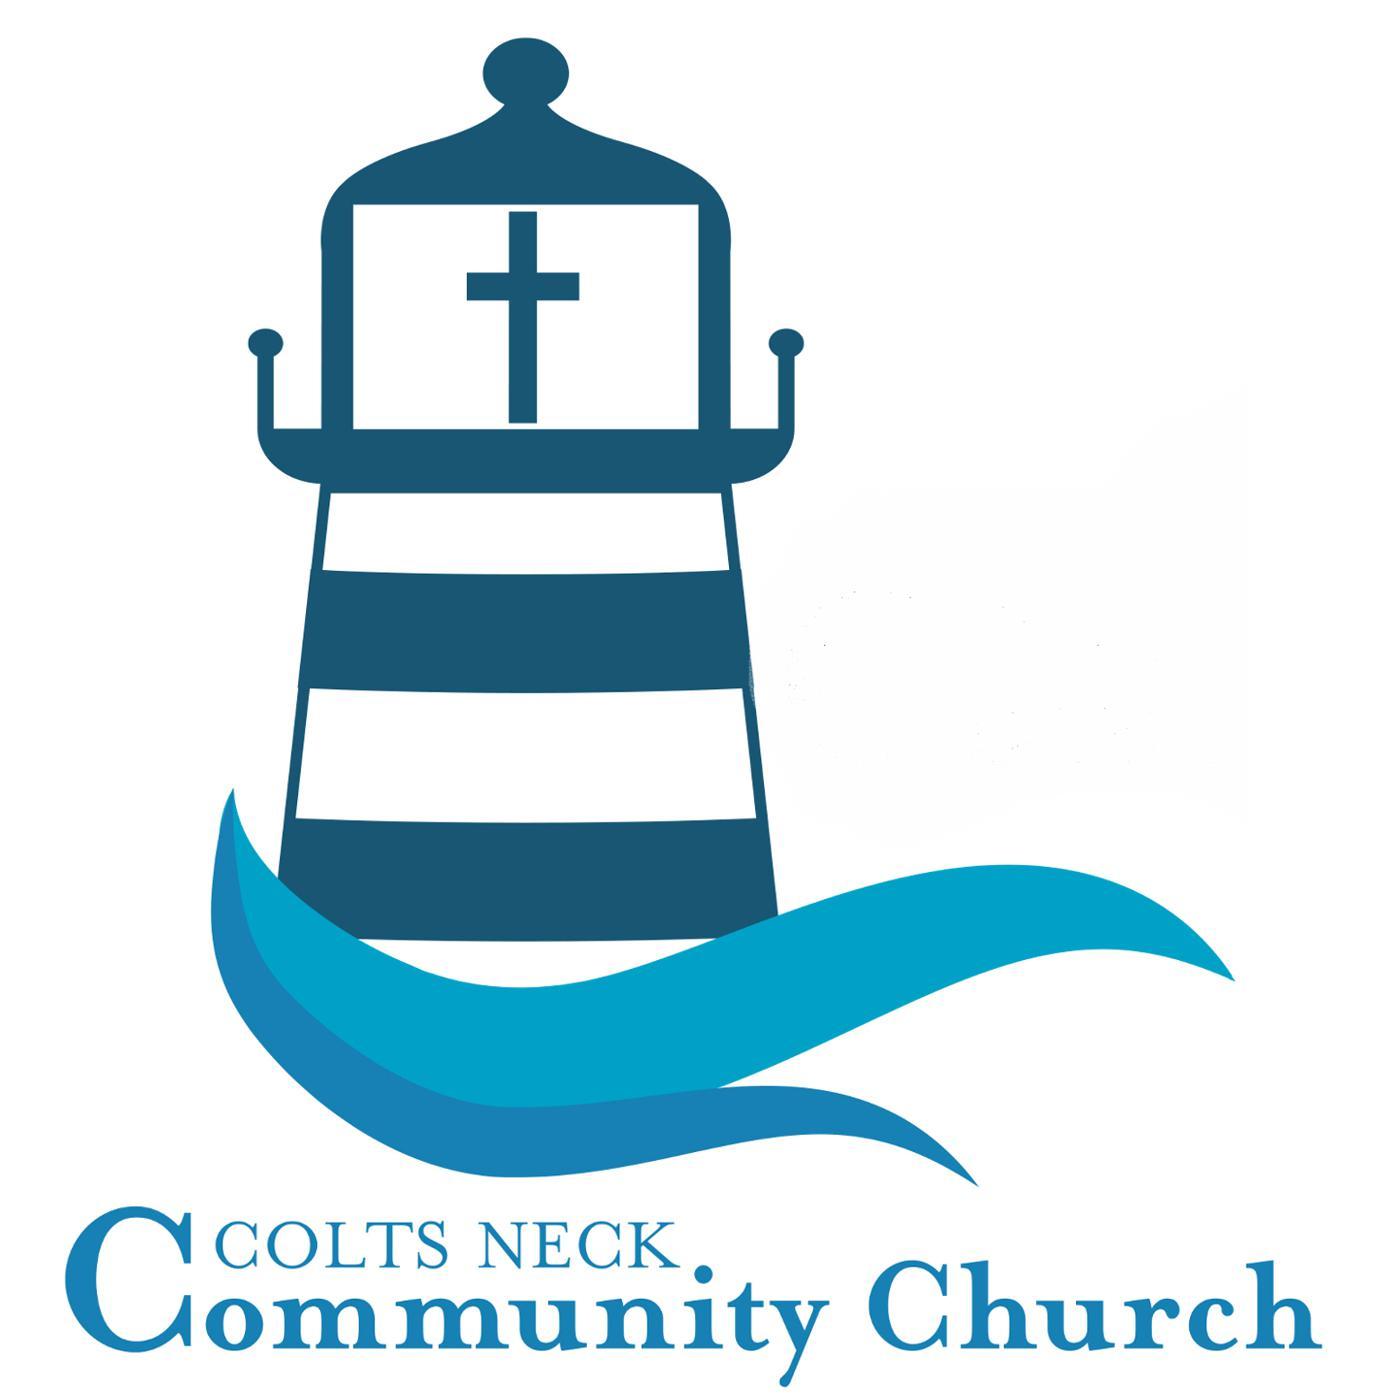 Colts Neck Community Church Sermons (podcast) - Colts Neck